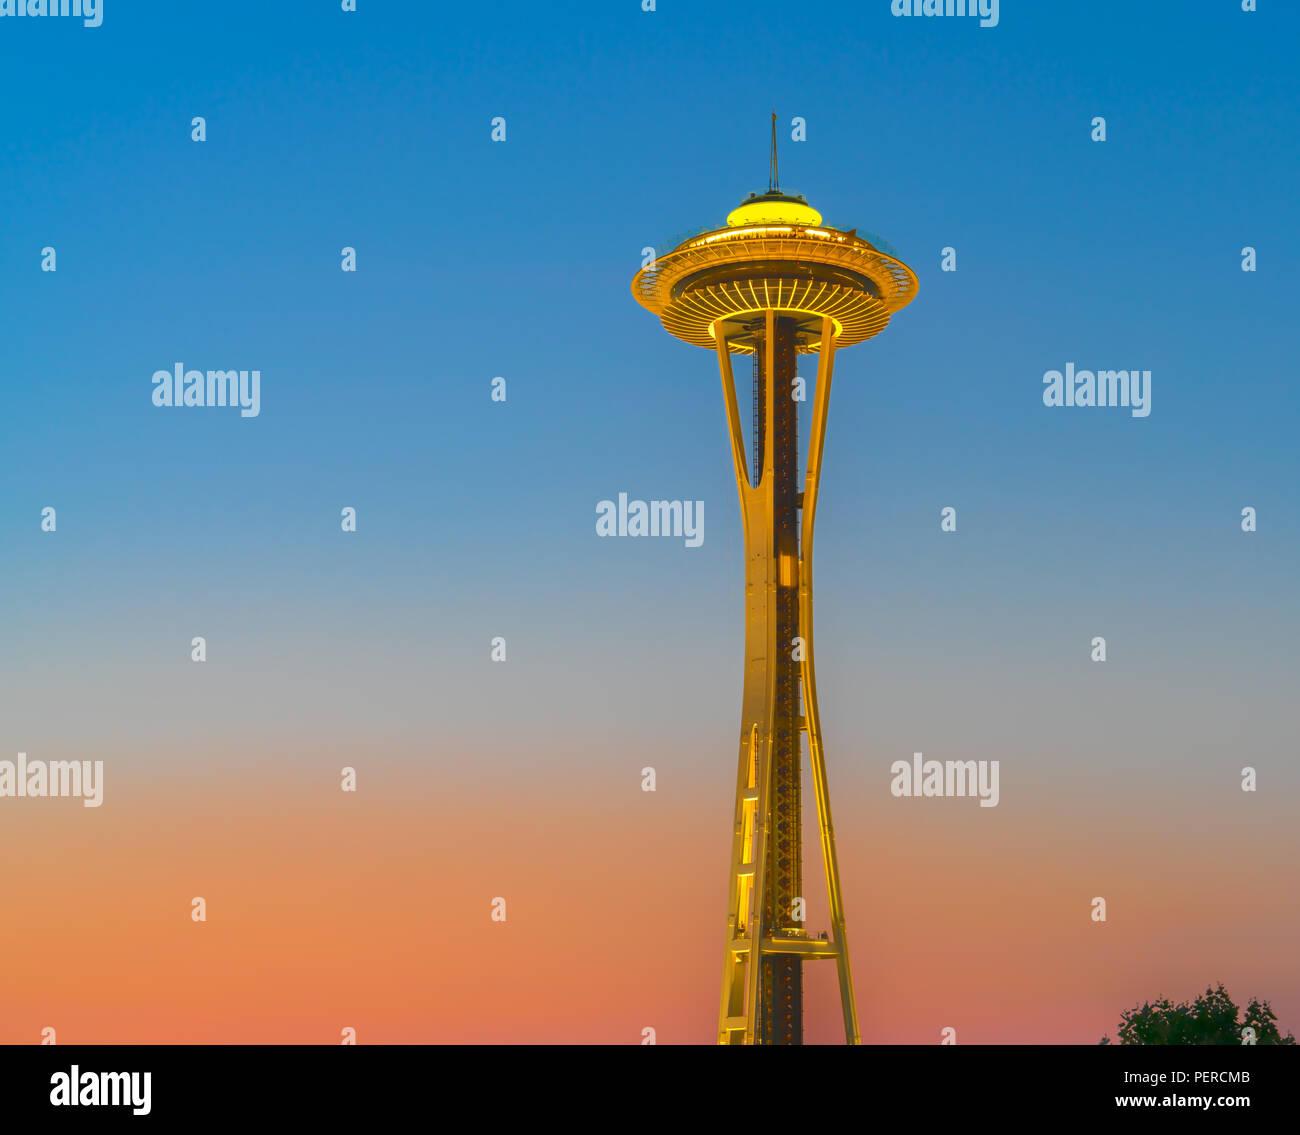 Seattle Space Needle (torre di osservazione) al tramonto a Seattle, Washington. Immagini Stock